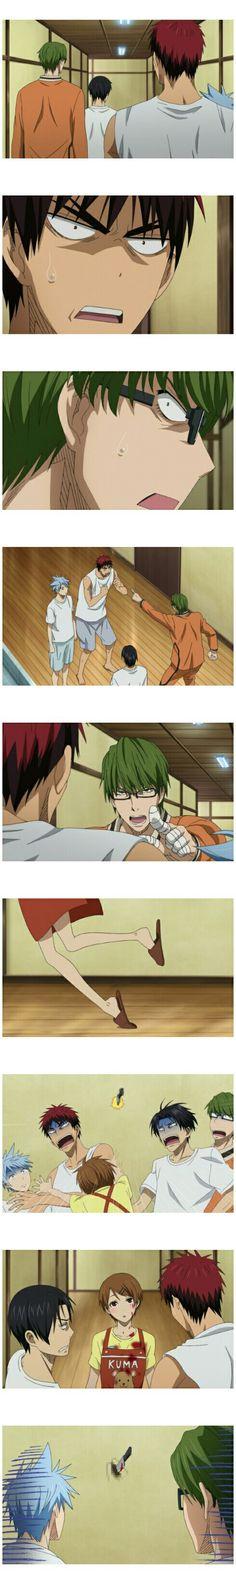 SHOCK SHOCK SHOCK   Takao : nyeremin banget! Udah gitu ada yang jadi korban jiwa, lagi. Ooh my Tetsuyaa, Midorin Daijobu -_-||   || kuroko no basuke || kagami taiga || kuroko tetsuya || riko aida || takao kazunari || midorima shintaro